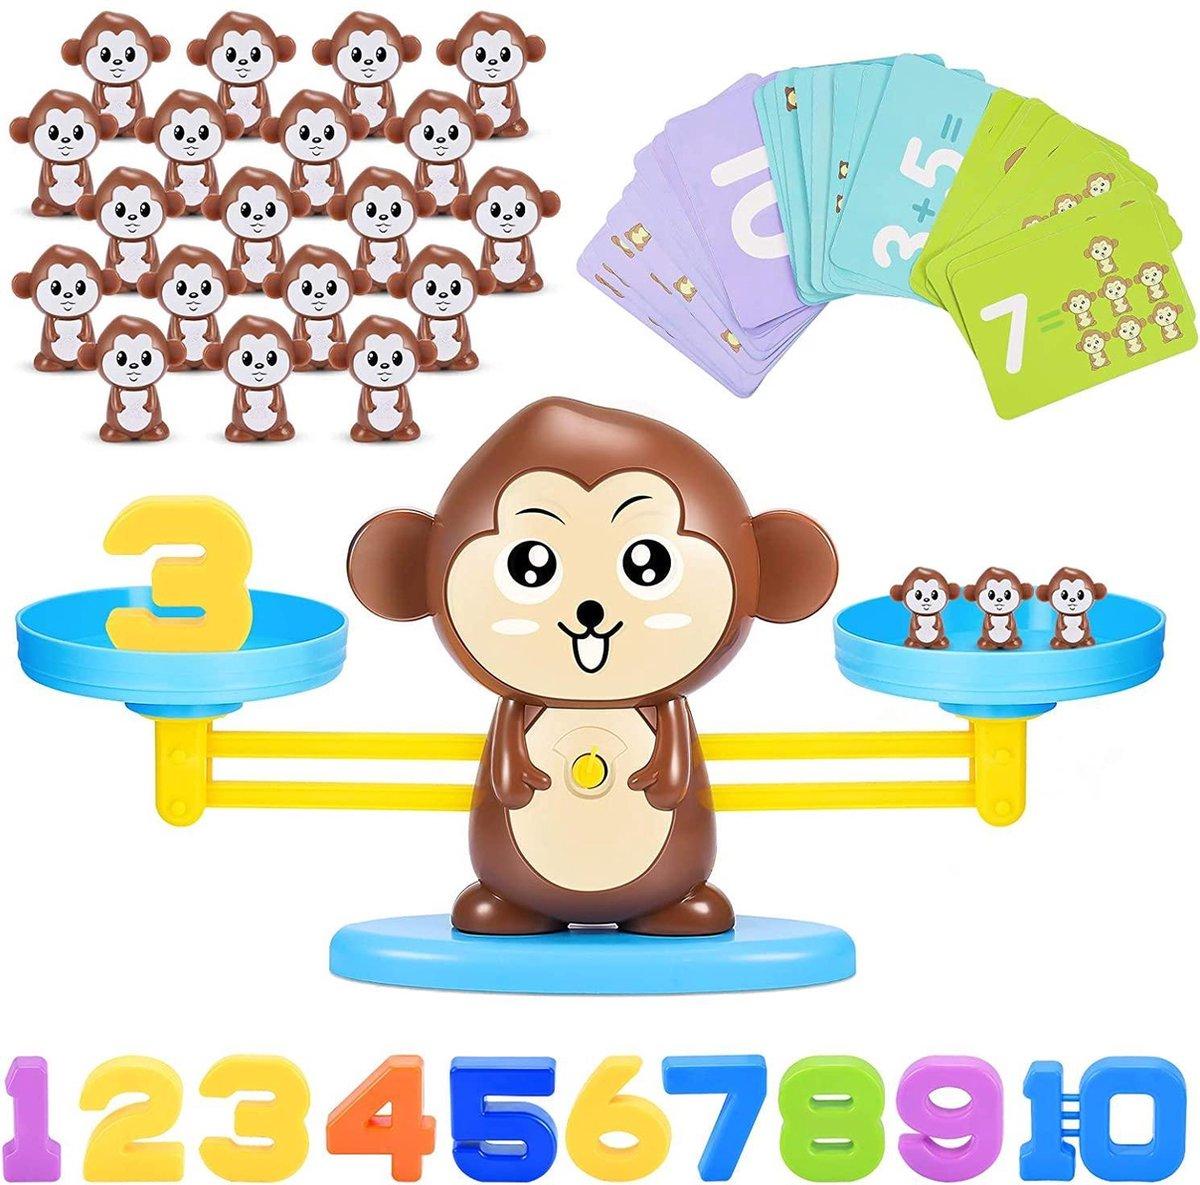 Educatief Speelgoed - Leerzaam voor kinderen - balans aapjes om te spelen en rekenen (Balance Monkey game) - speelgoed voor jonge kinderen